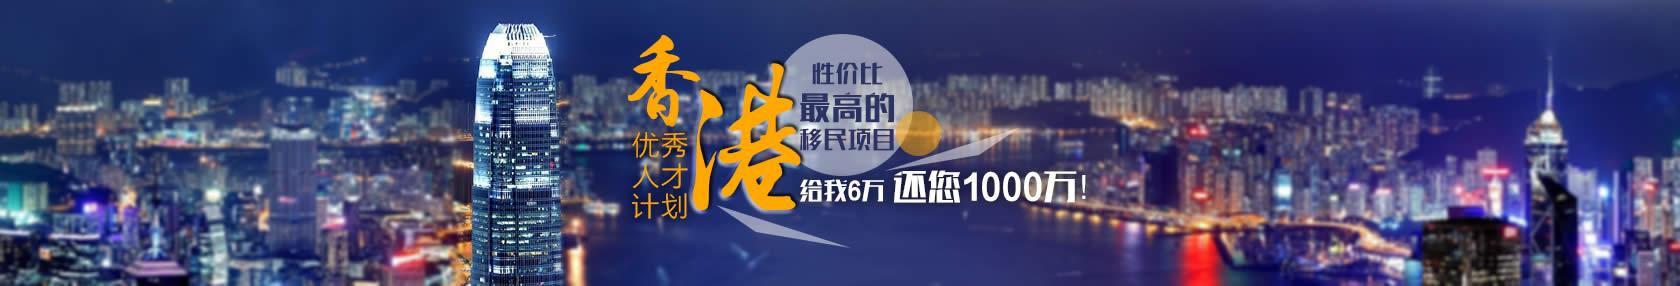 香港优秀人才计划,最高性价比移民项目